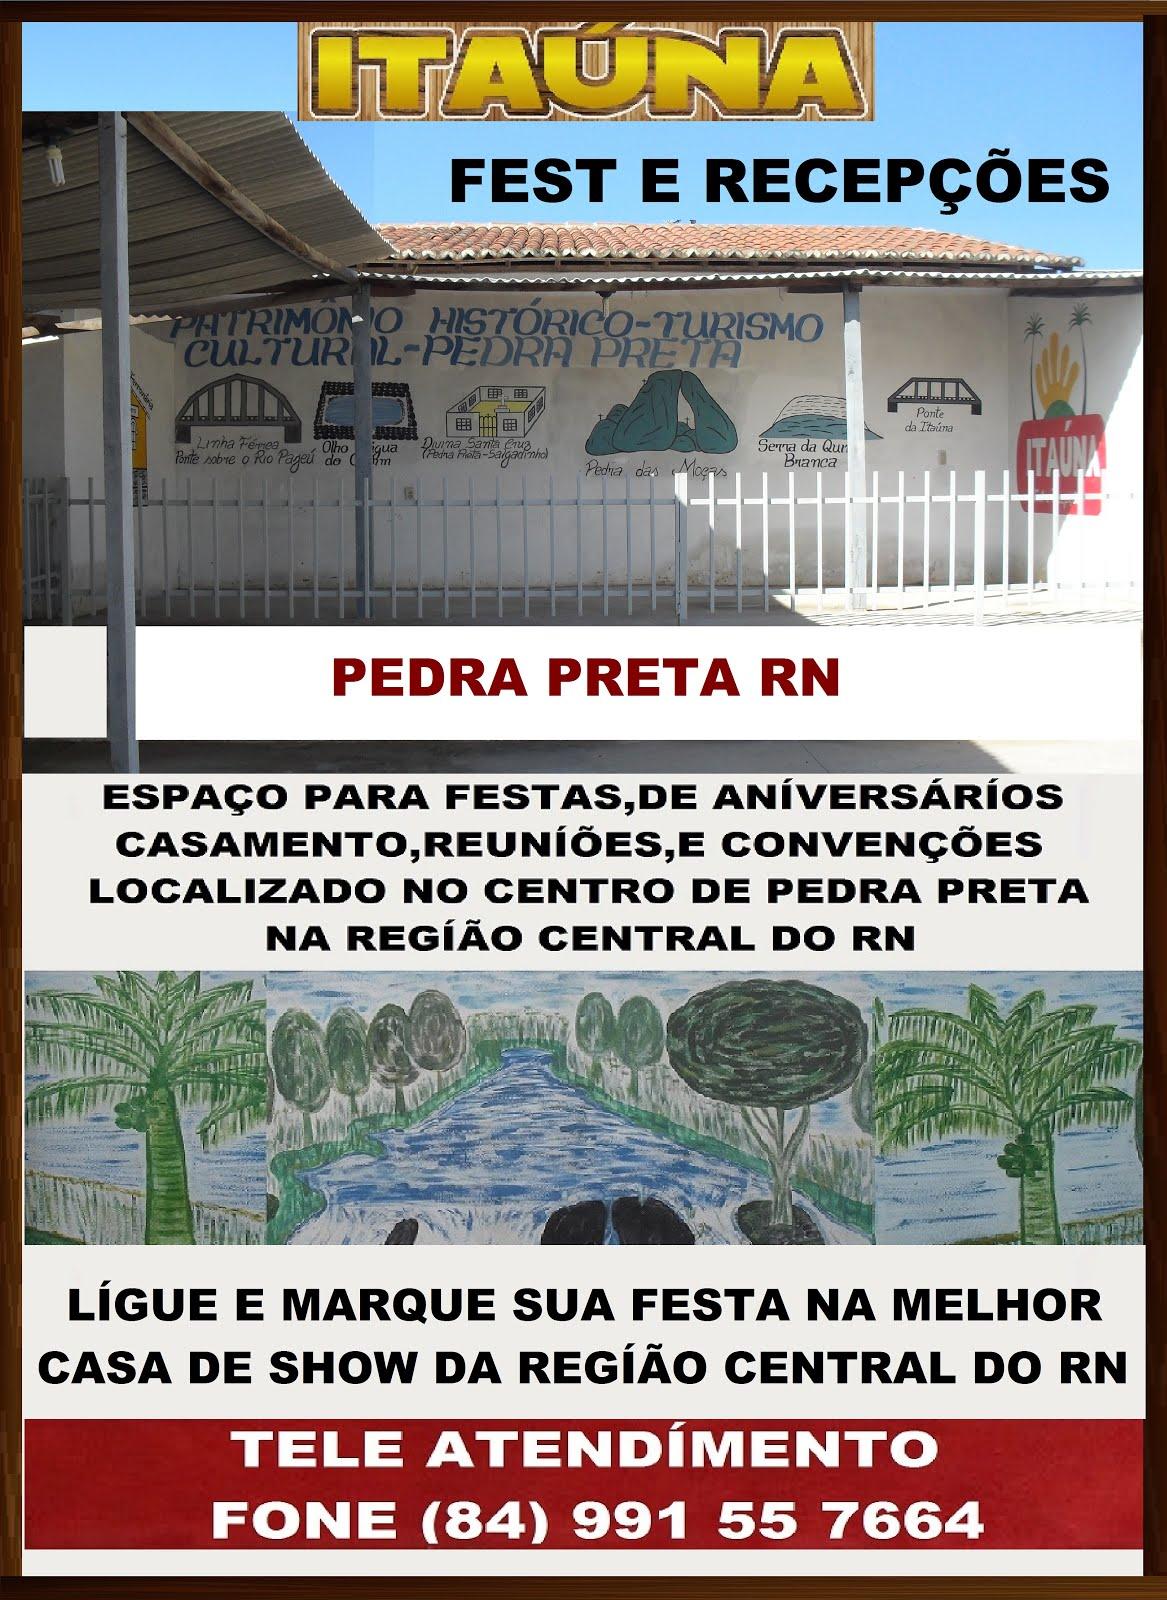 FEST E RECEPÇÕES ITAÚNA PEDRA PRETA RN.